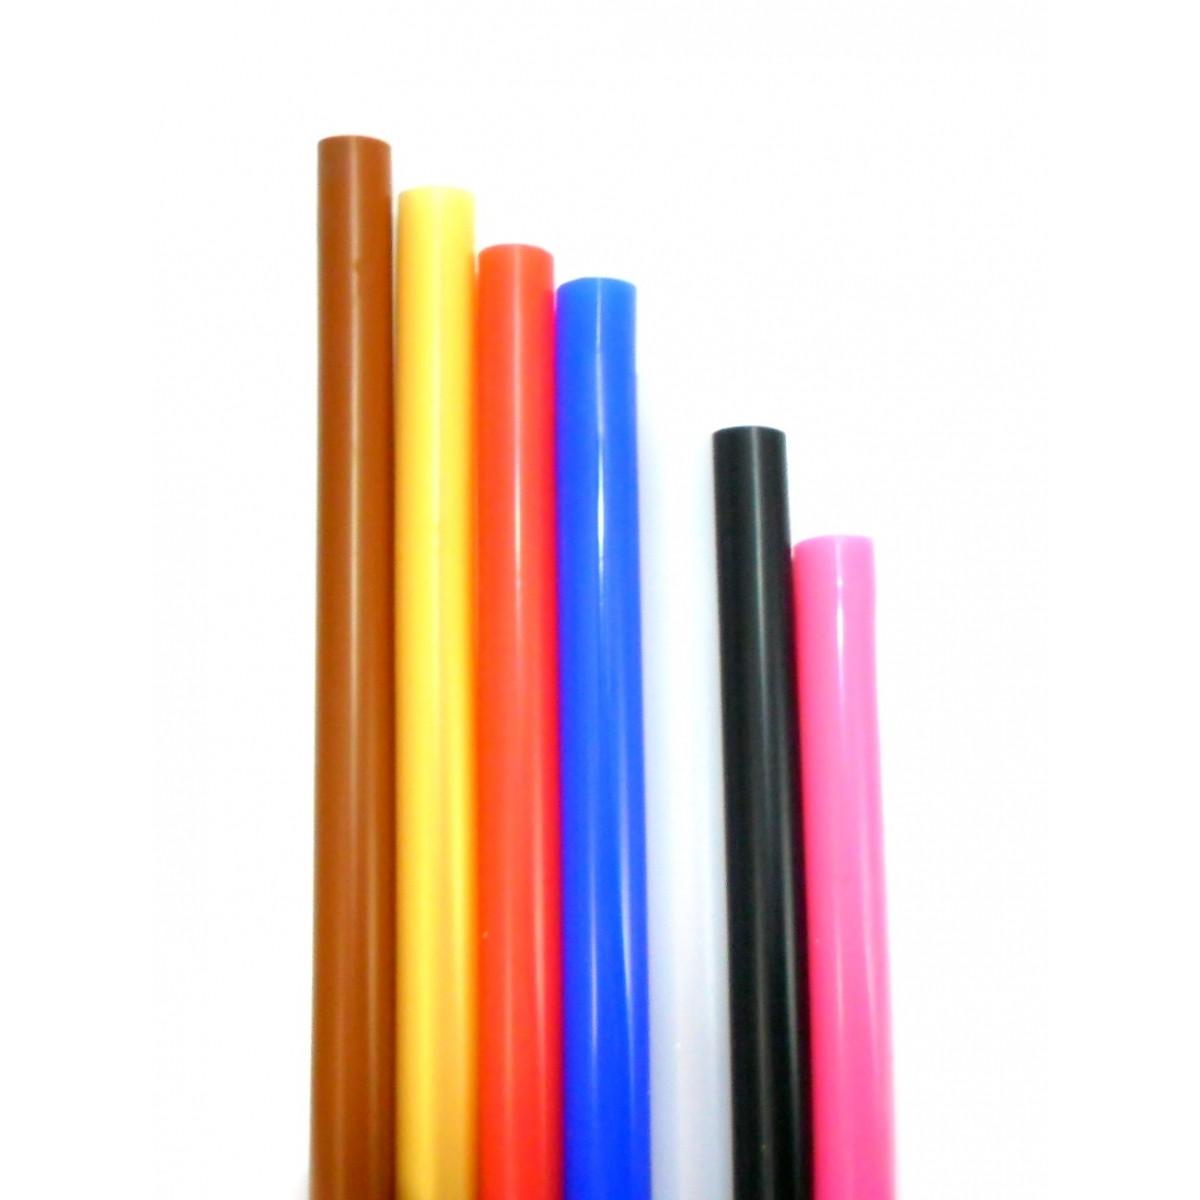 Mangueira de silicone antichamas super flexível e leve, 1,60m comprimento. Encaixa em todas as piteiras.